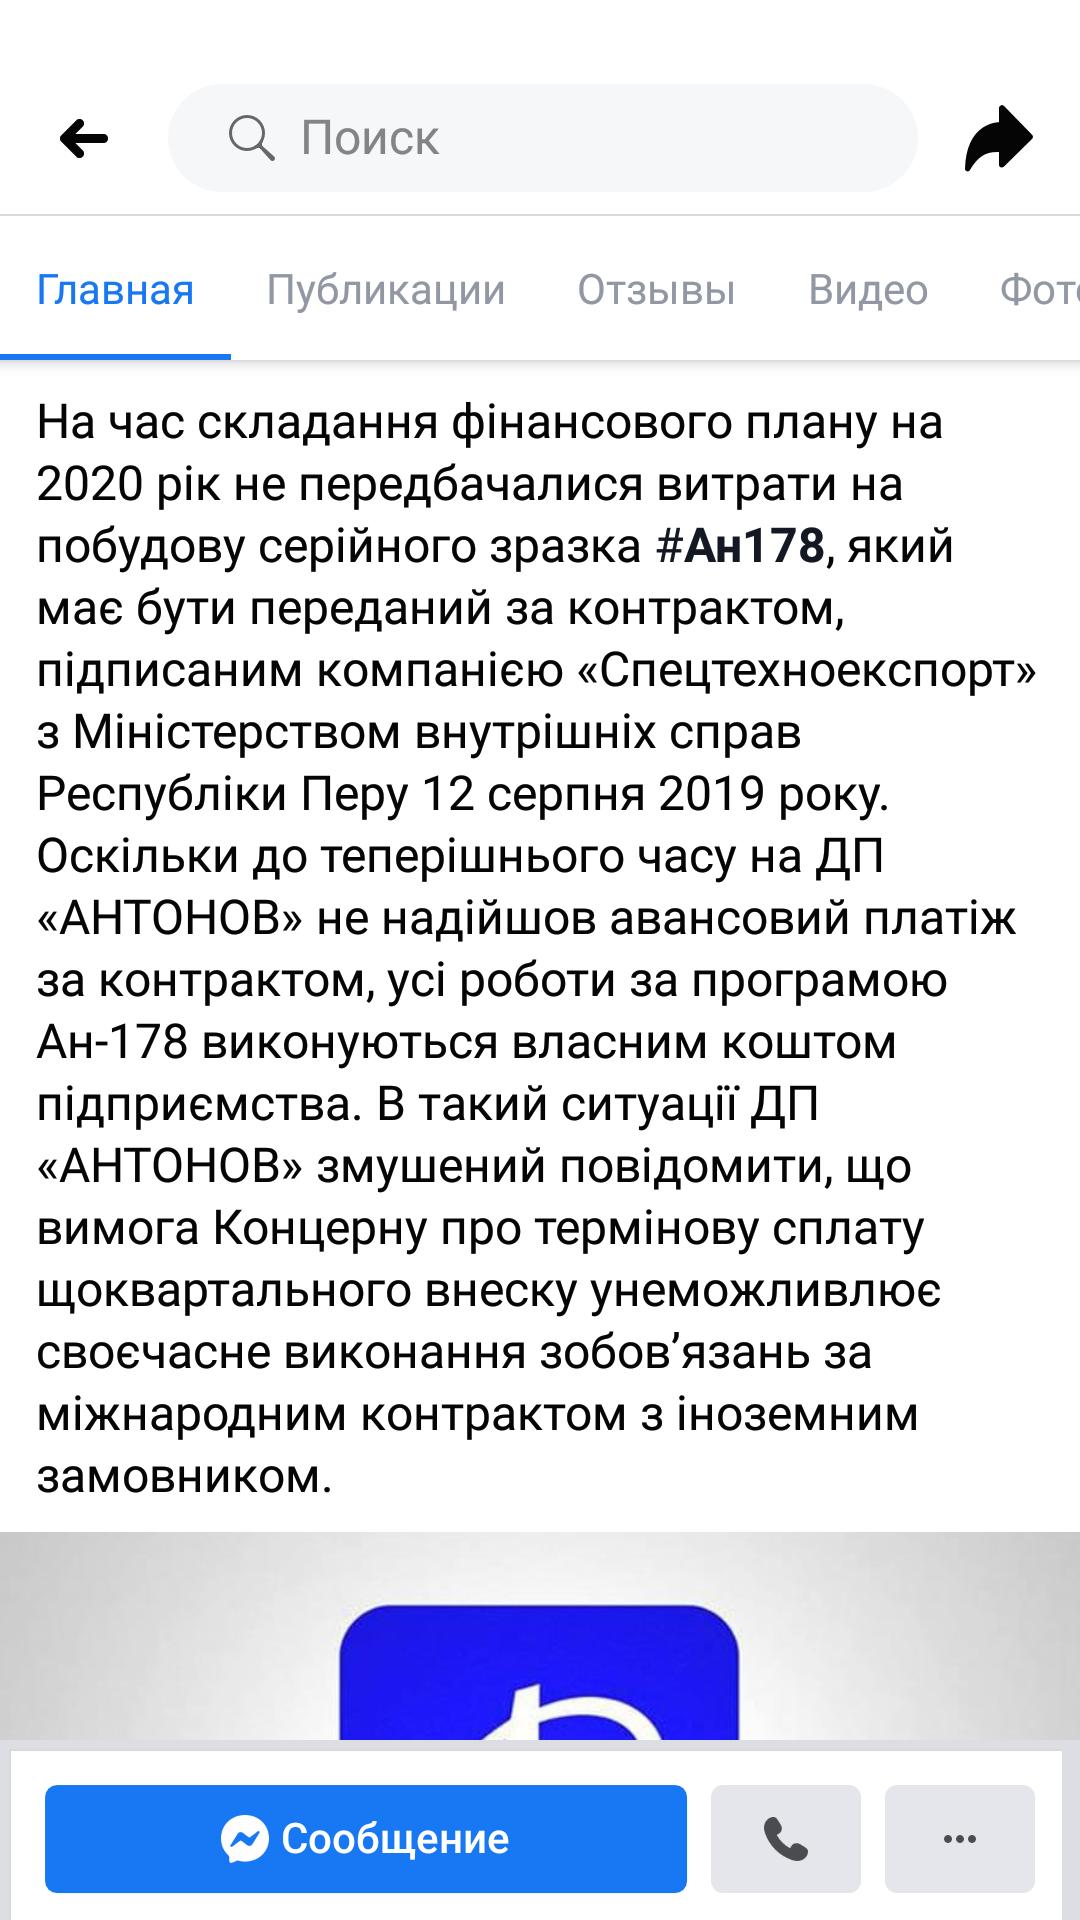 """ДП """"Антонов"""" і Укроборонпром не поділили 40 млн грн. Це заважає контракту з Перу"""